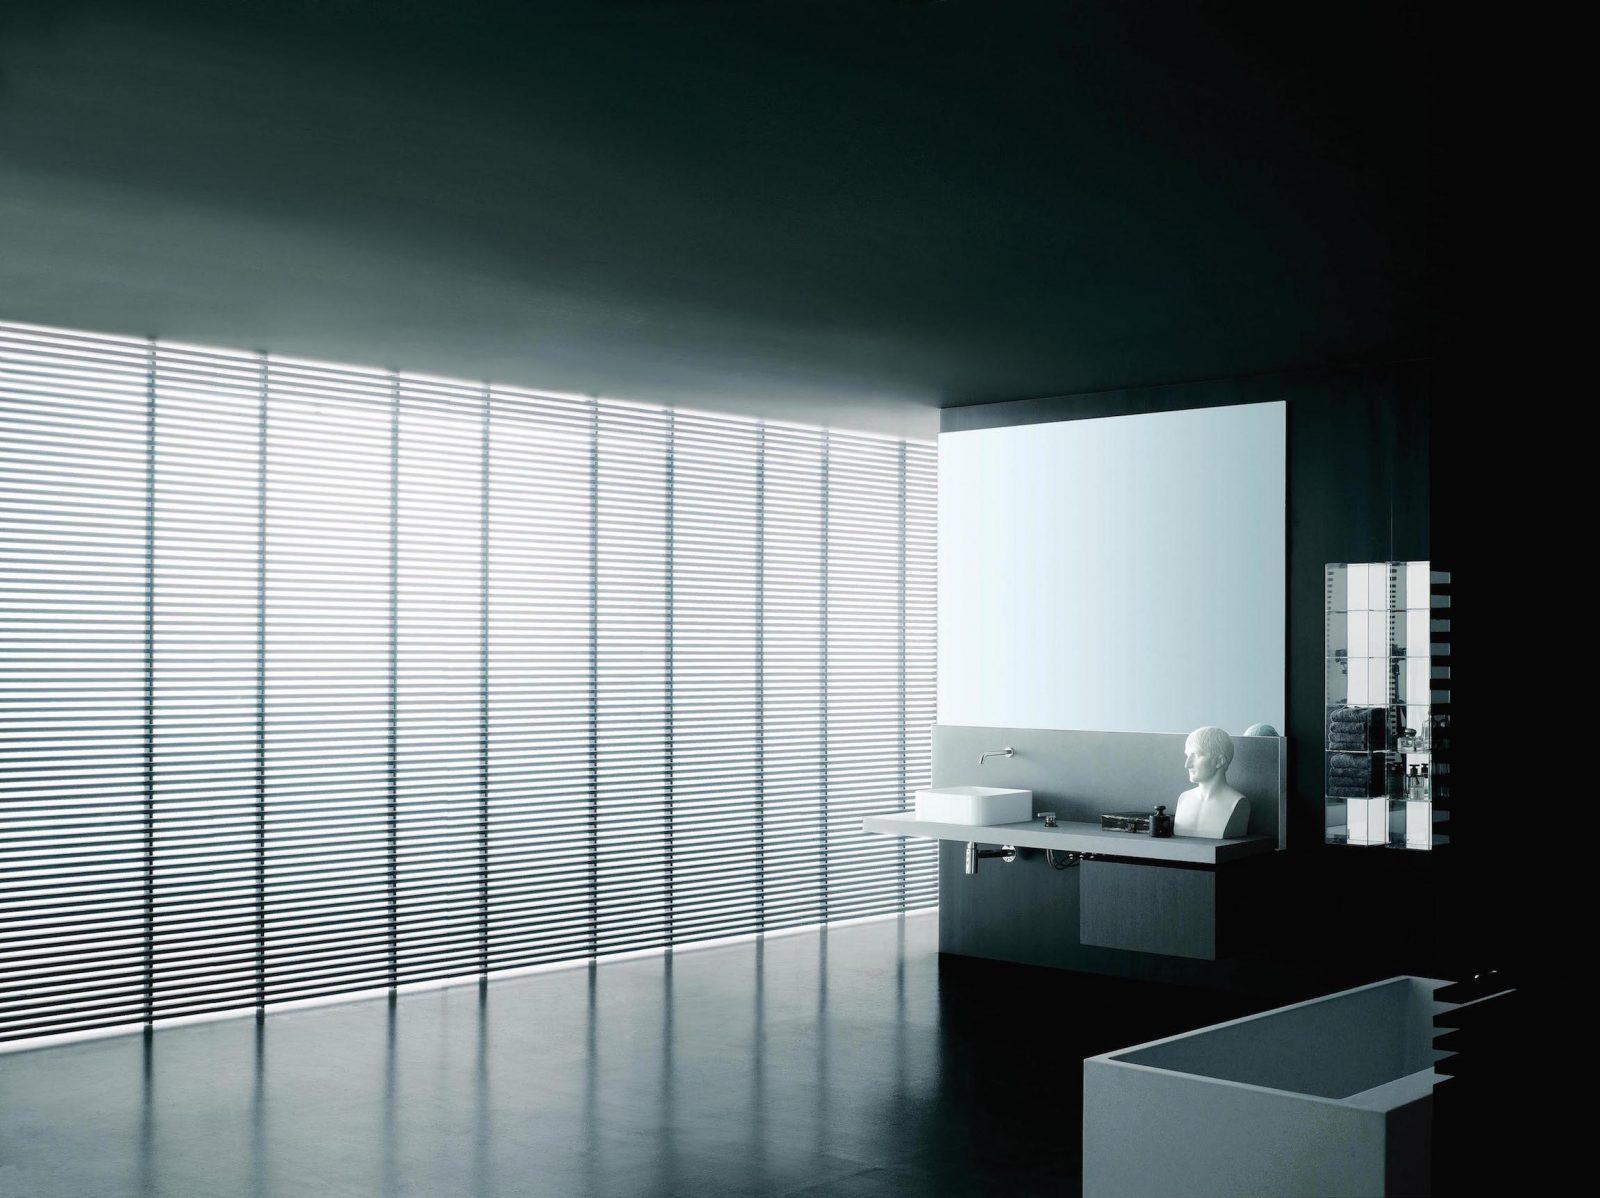 web_pianura-cathino-glass-comfort-mood-bytommasosartori-high